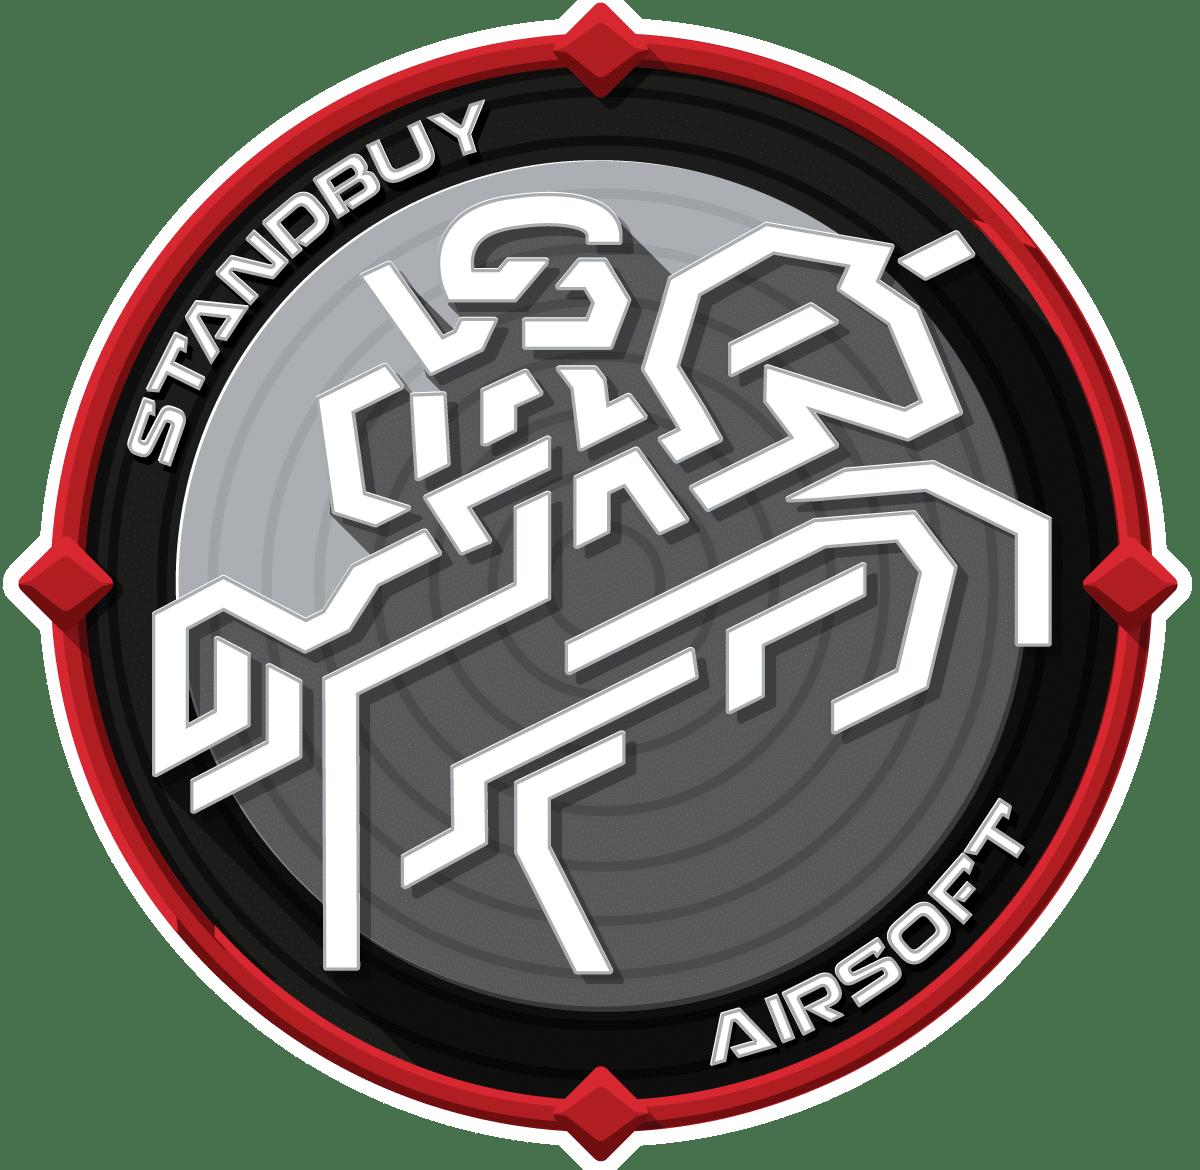 standbuy-airsoft.com